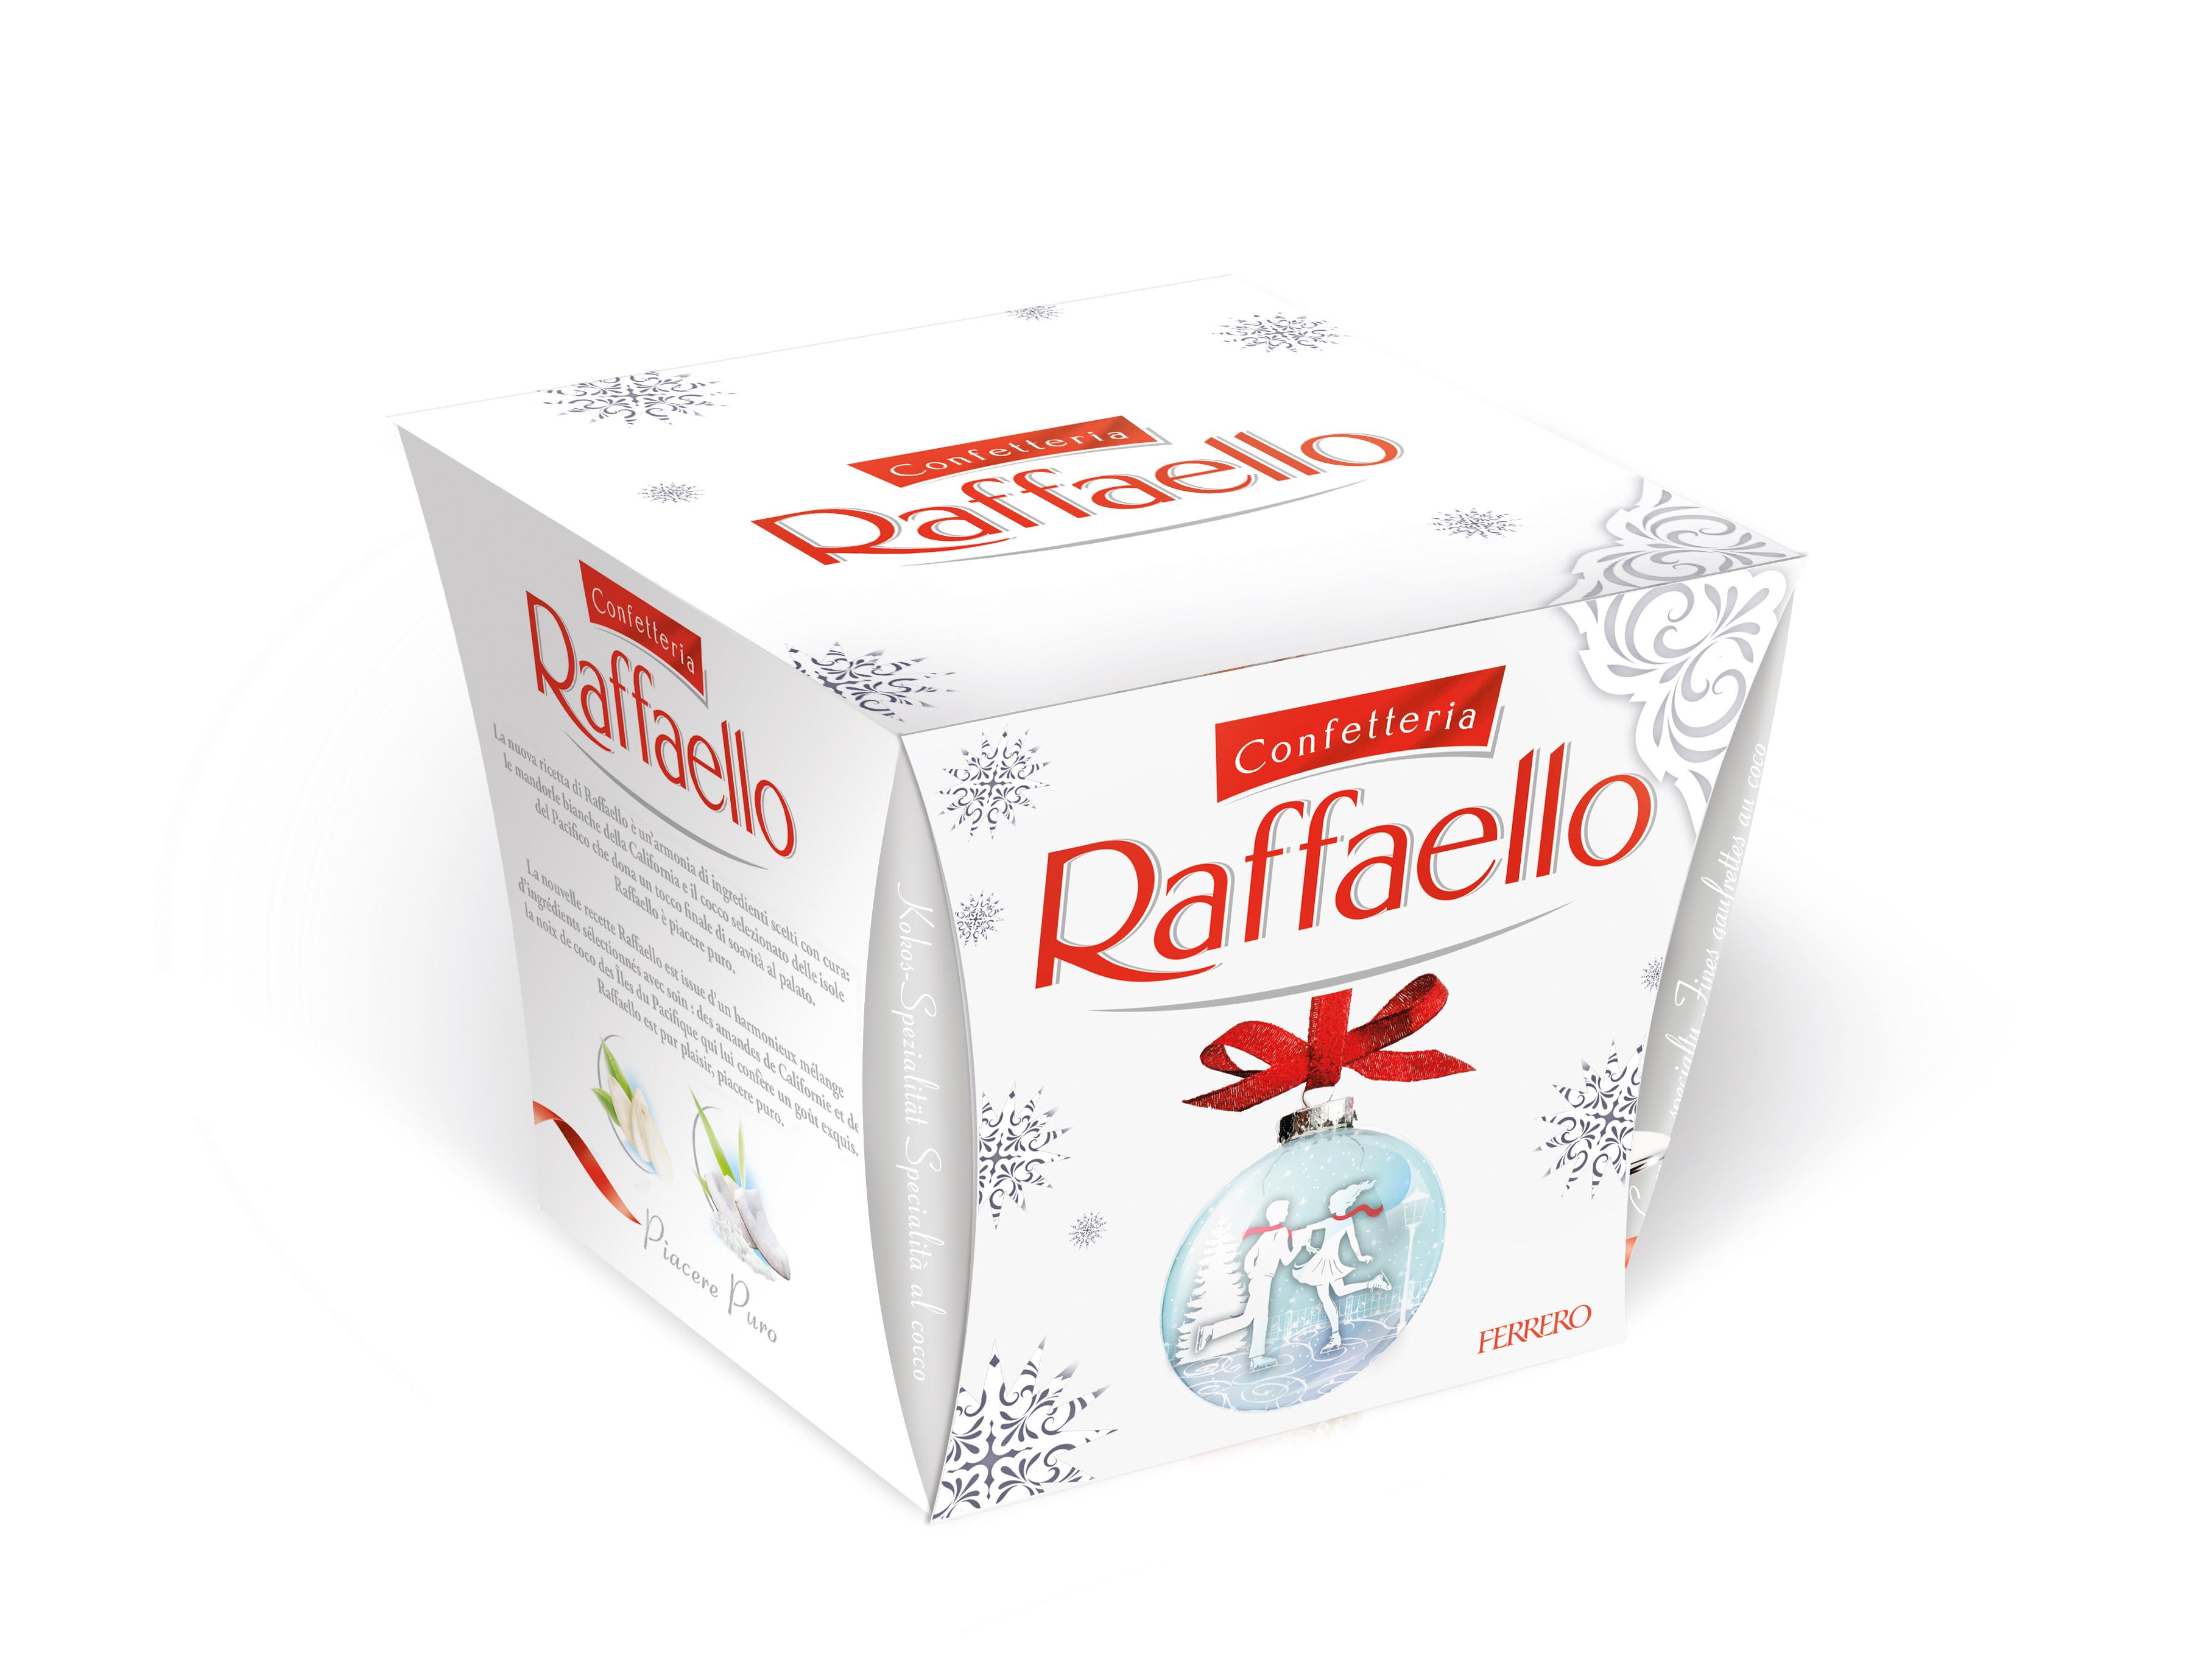 Rafaello промо-рукав